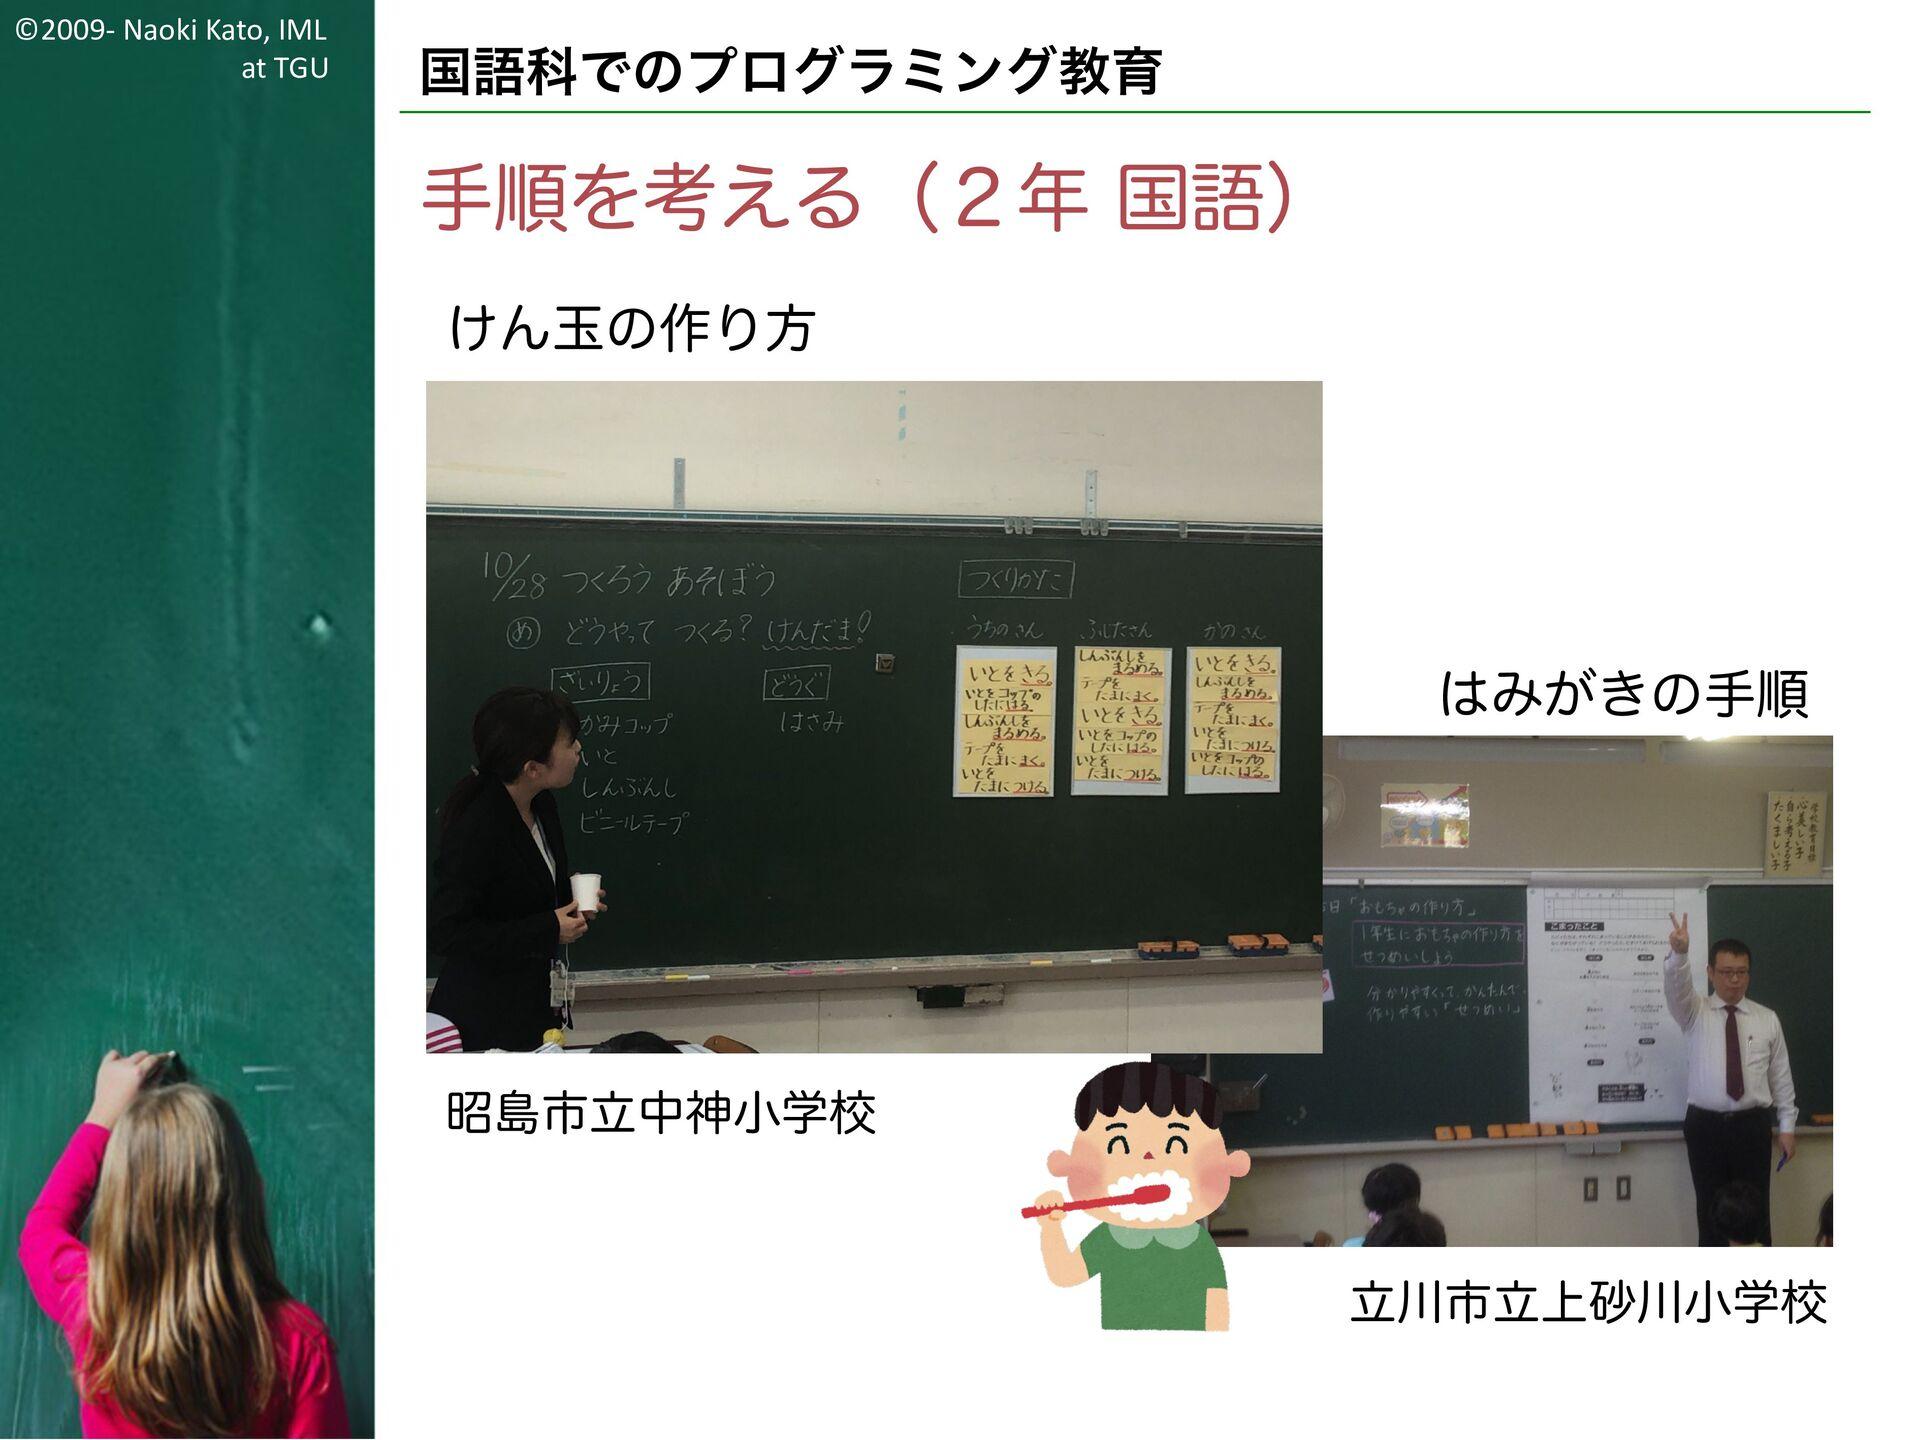 ©2009- Naoki Kato, IML at TGU 国語科でのプログラミング教育 スイ...